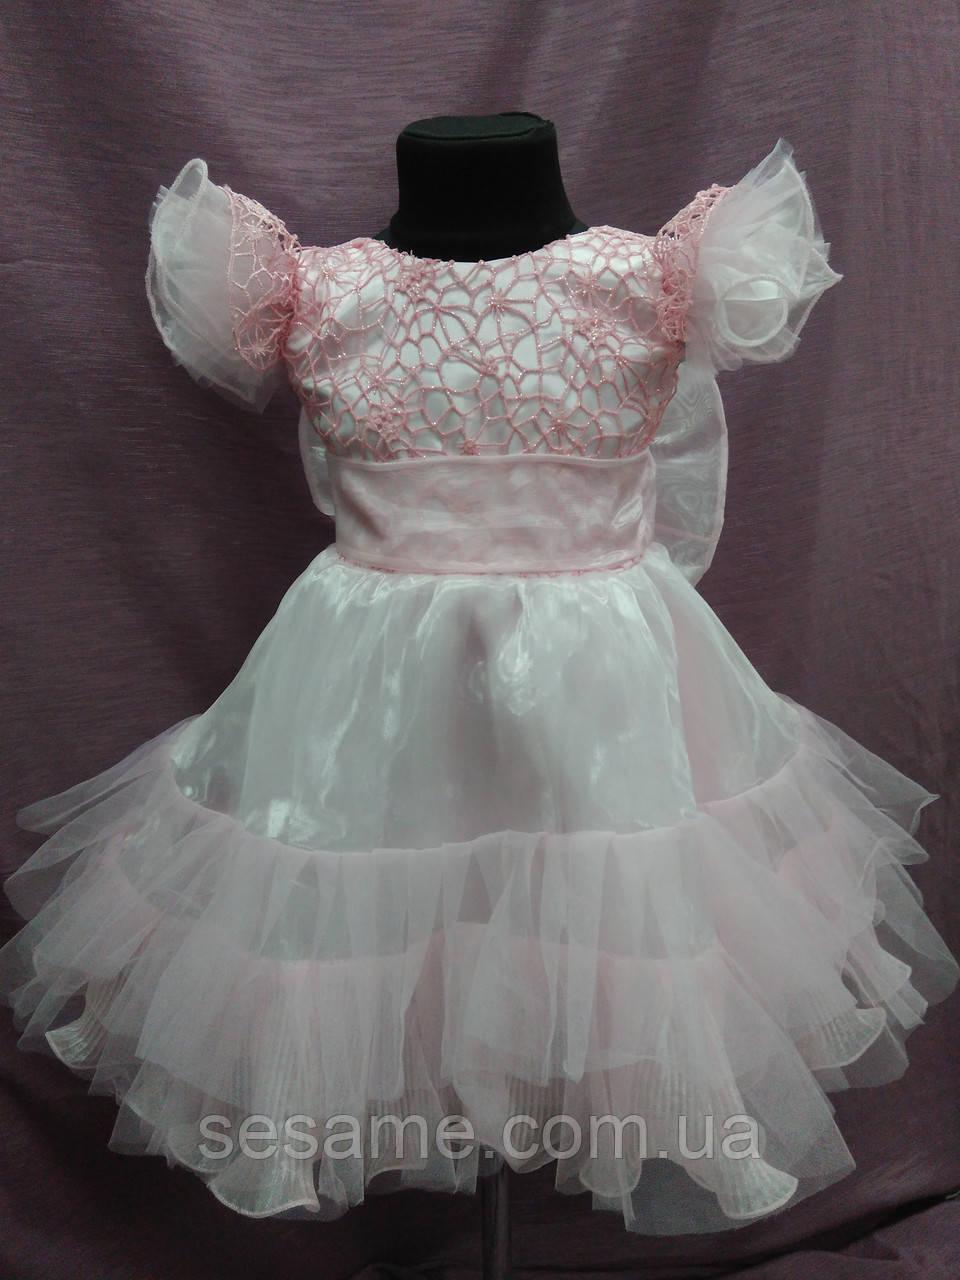 Платье детское нарядное нежно-розовое на 3-5 лет